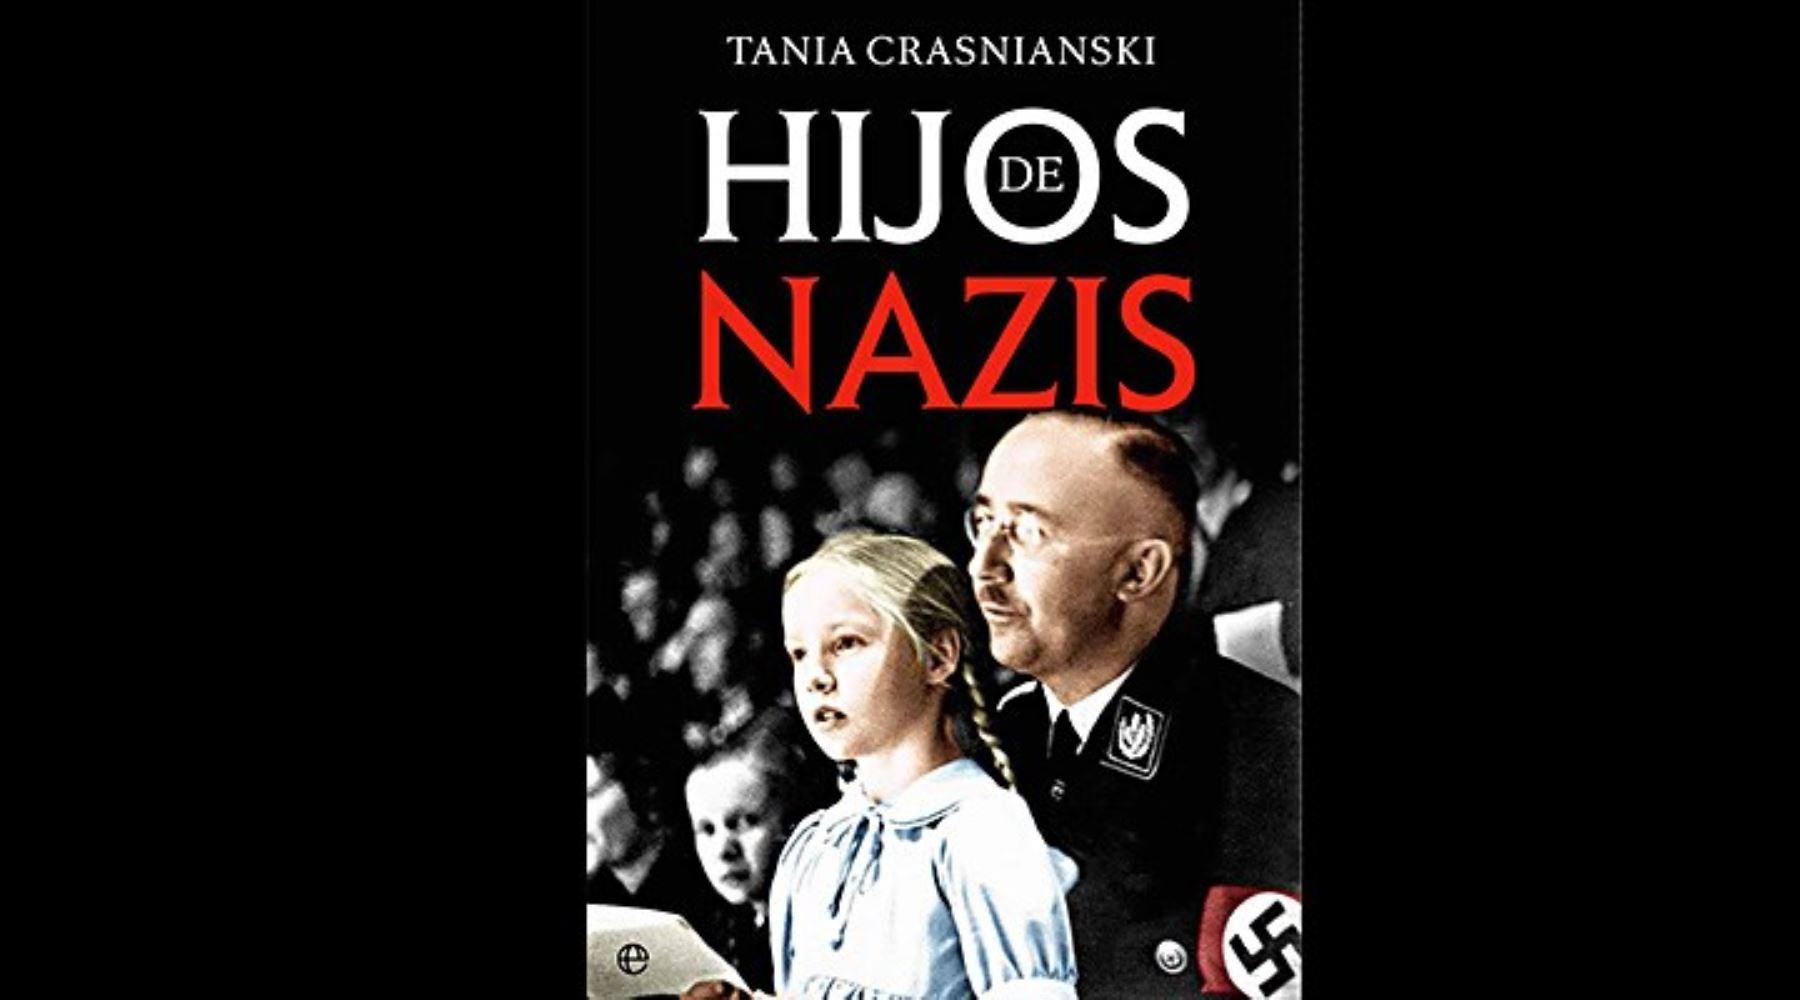 Portada del libro Hijos de nazis